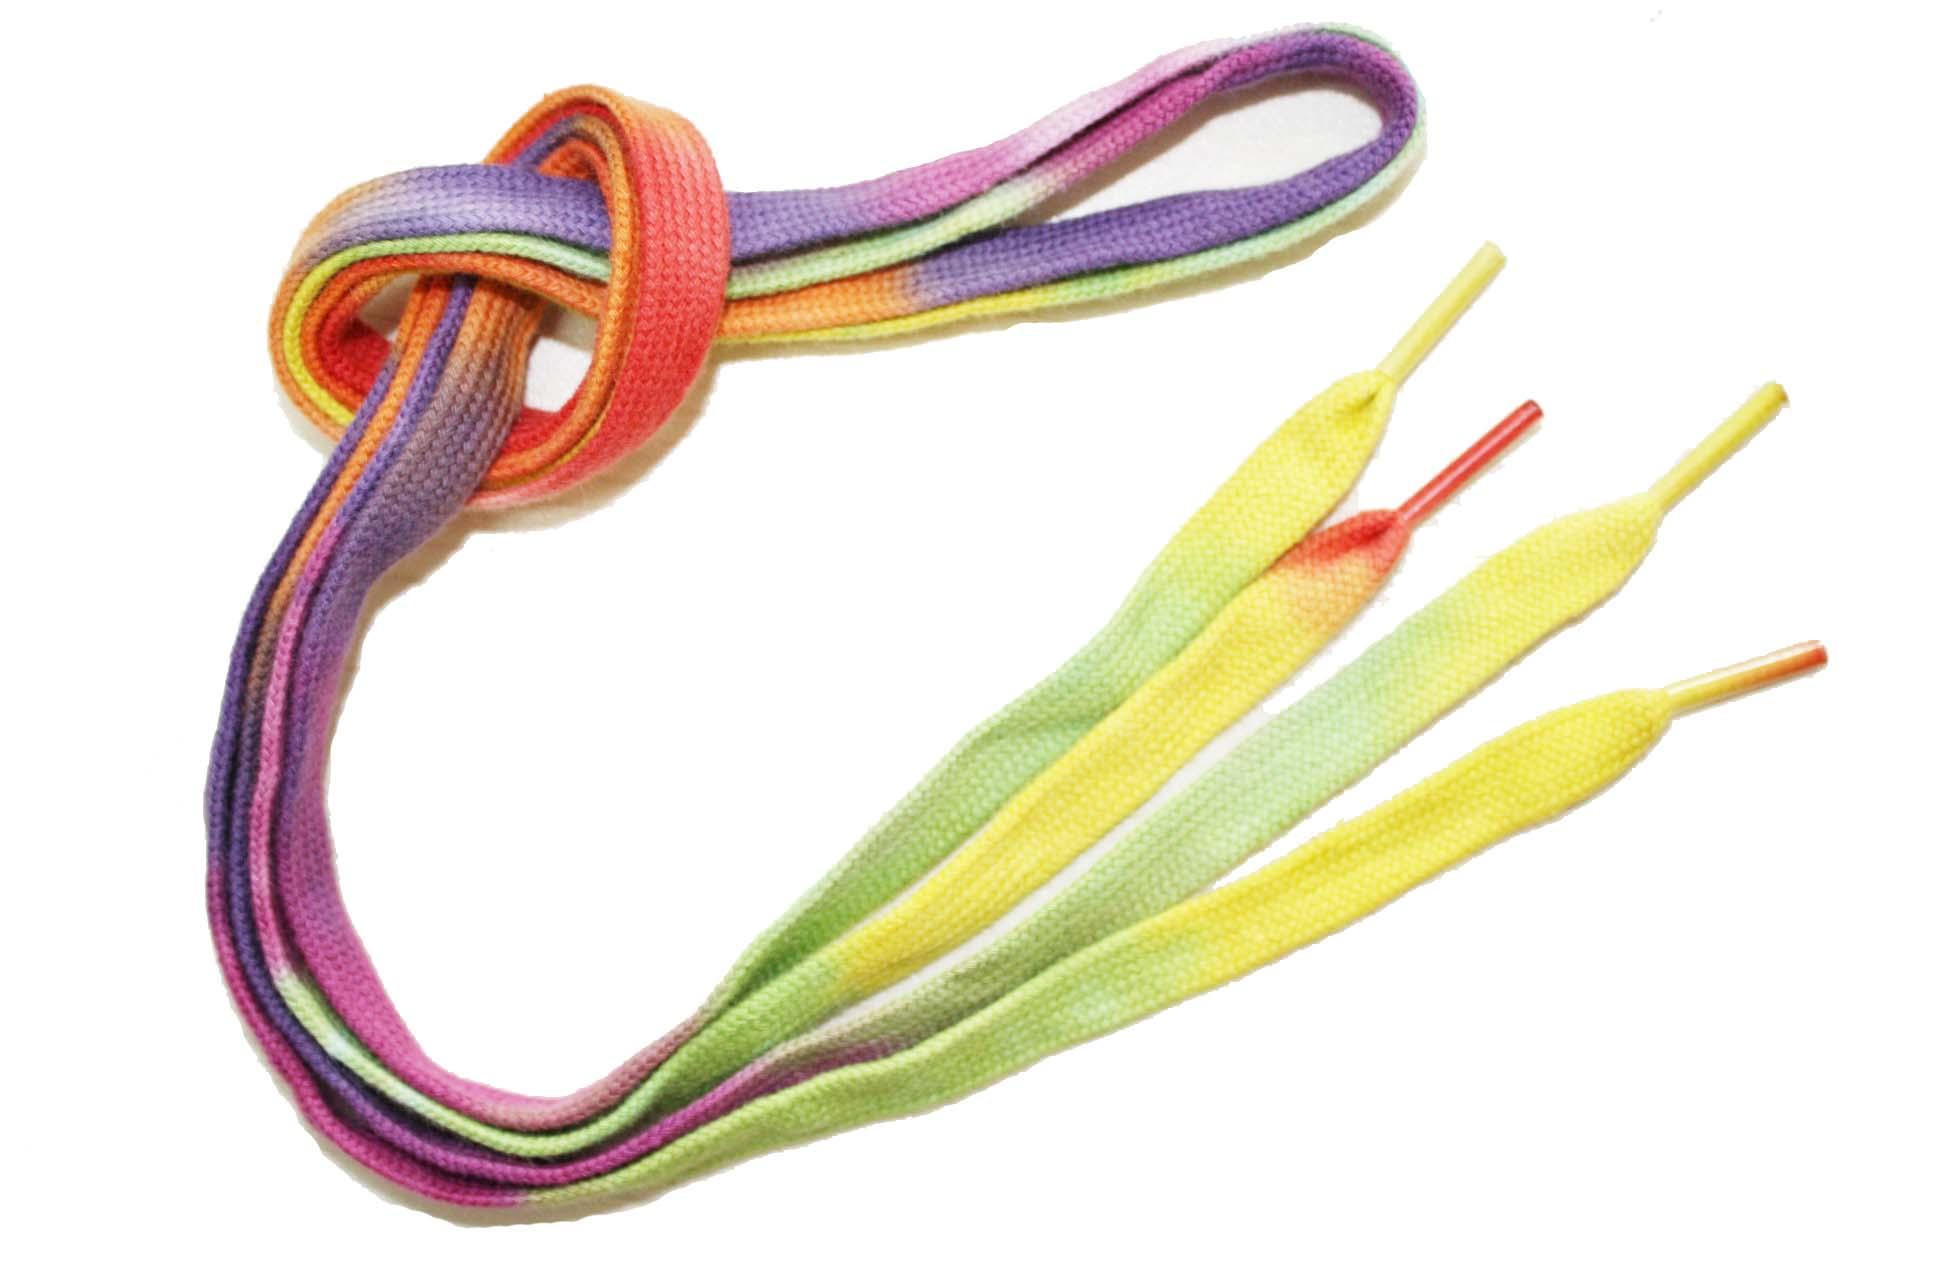 Free shoes cliparts download. Lace clipart shoe lace